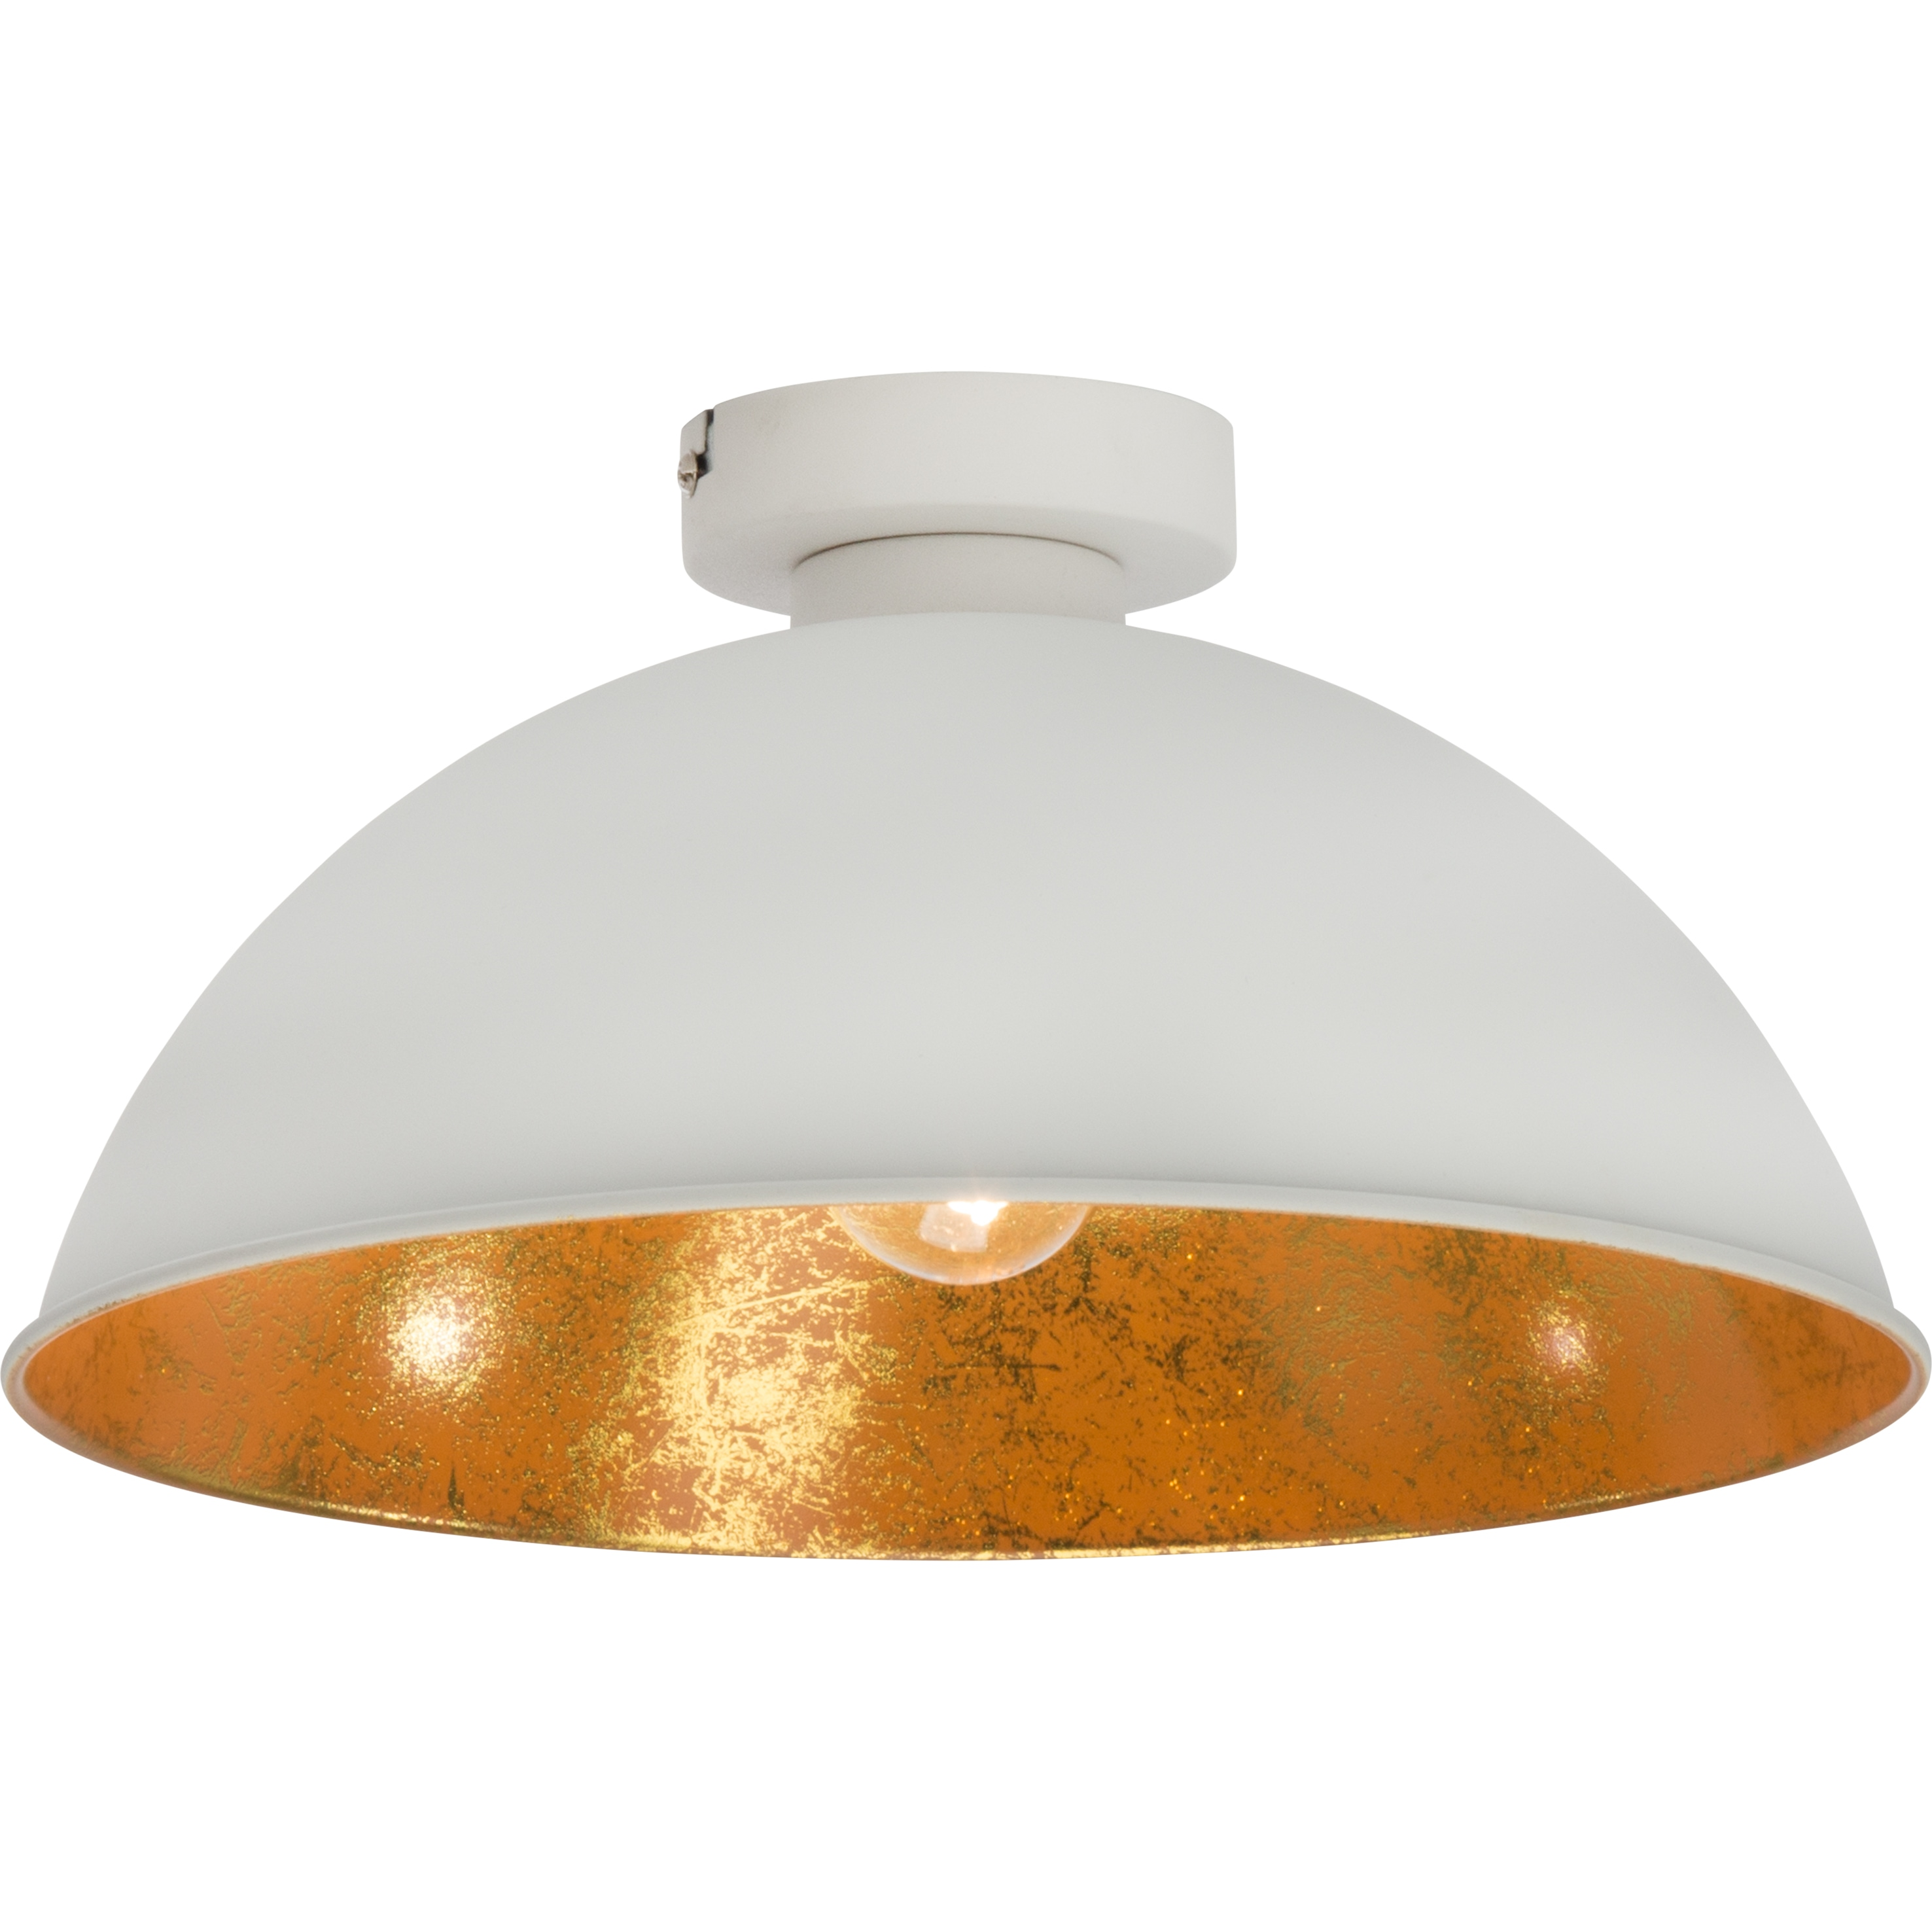 Brilliant Leuchten Aztekas Deckenleuchte 1flg weiß/gold